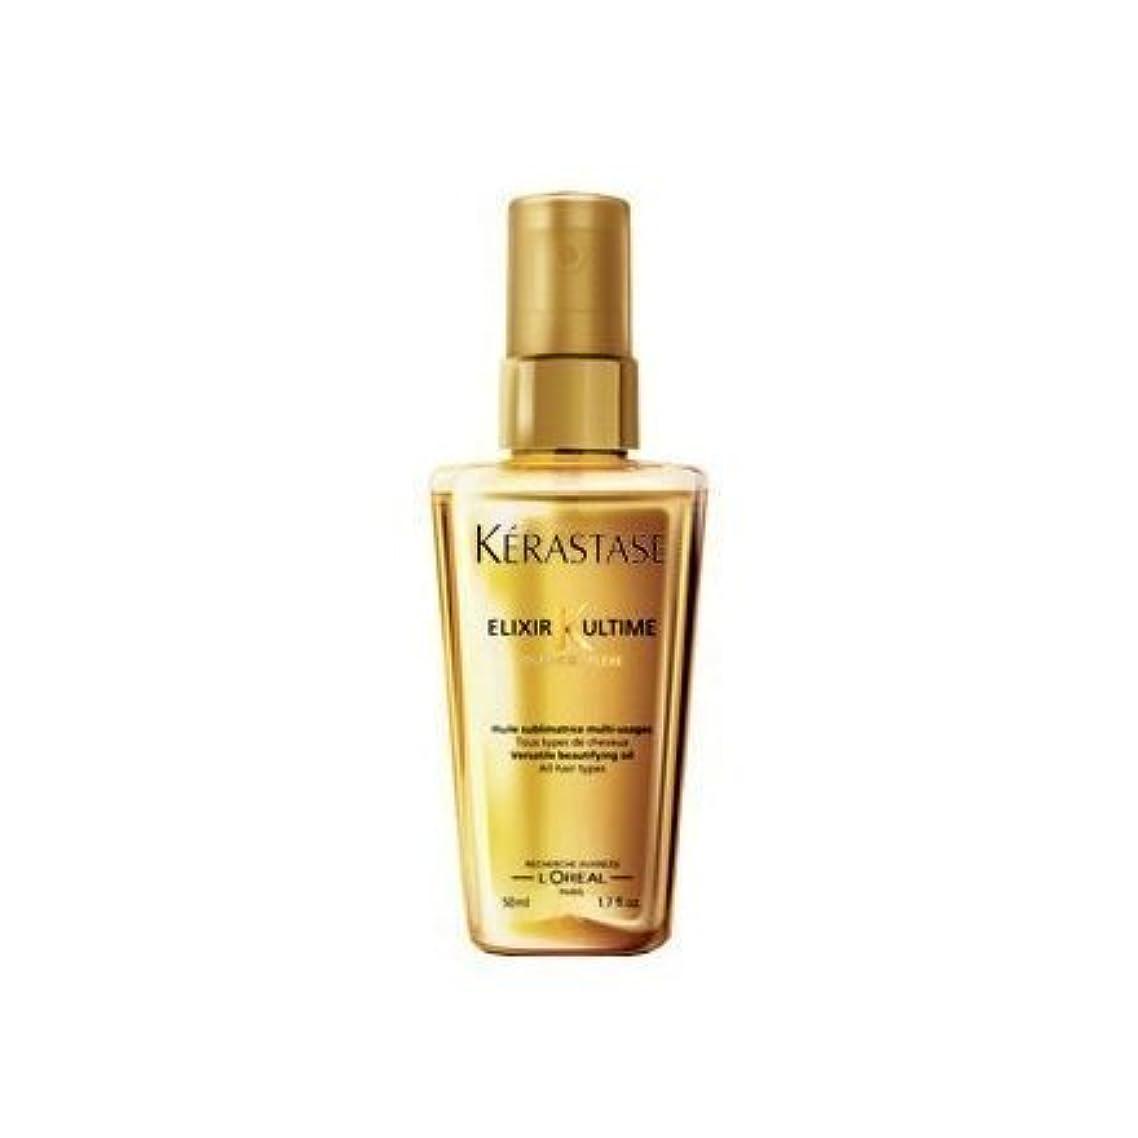 Keratase Elixir Ultime 50ml / 1.7fl.oz. Travel Size